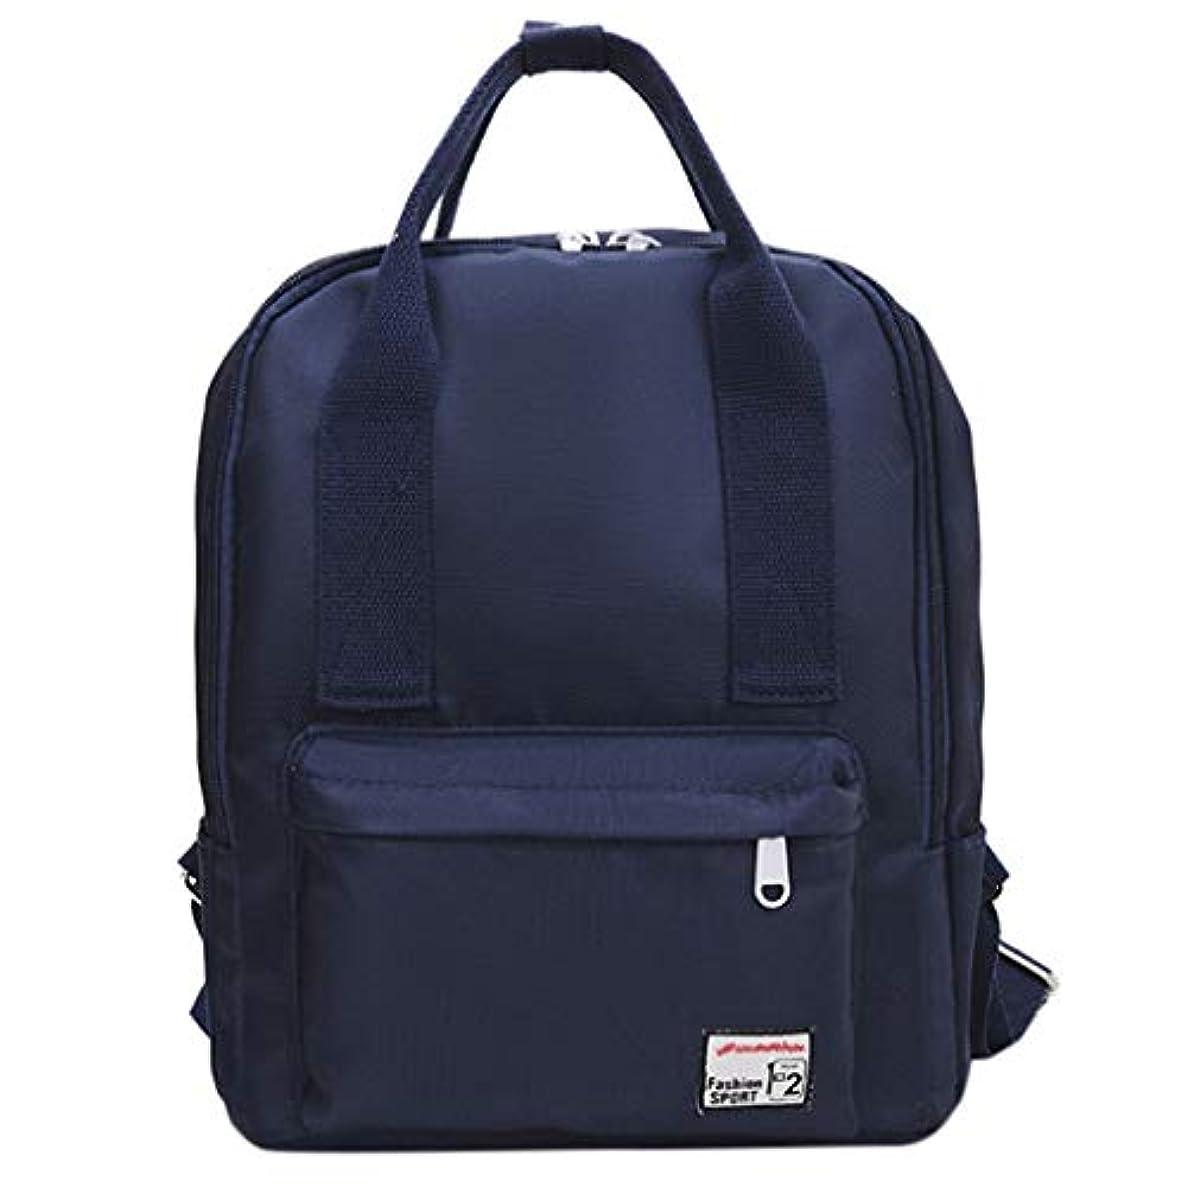 余計な手段鯨女の子屋外かわいいシンプルなナイロンバックパック、学生襟カラーアートバッグ屋外軽量旅行ポータブル耐久性のあるバックパック